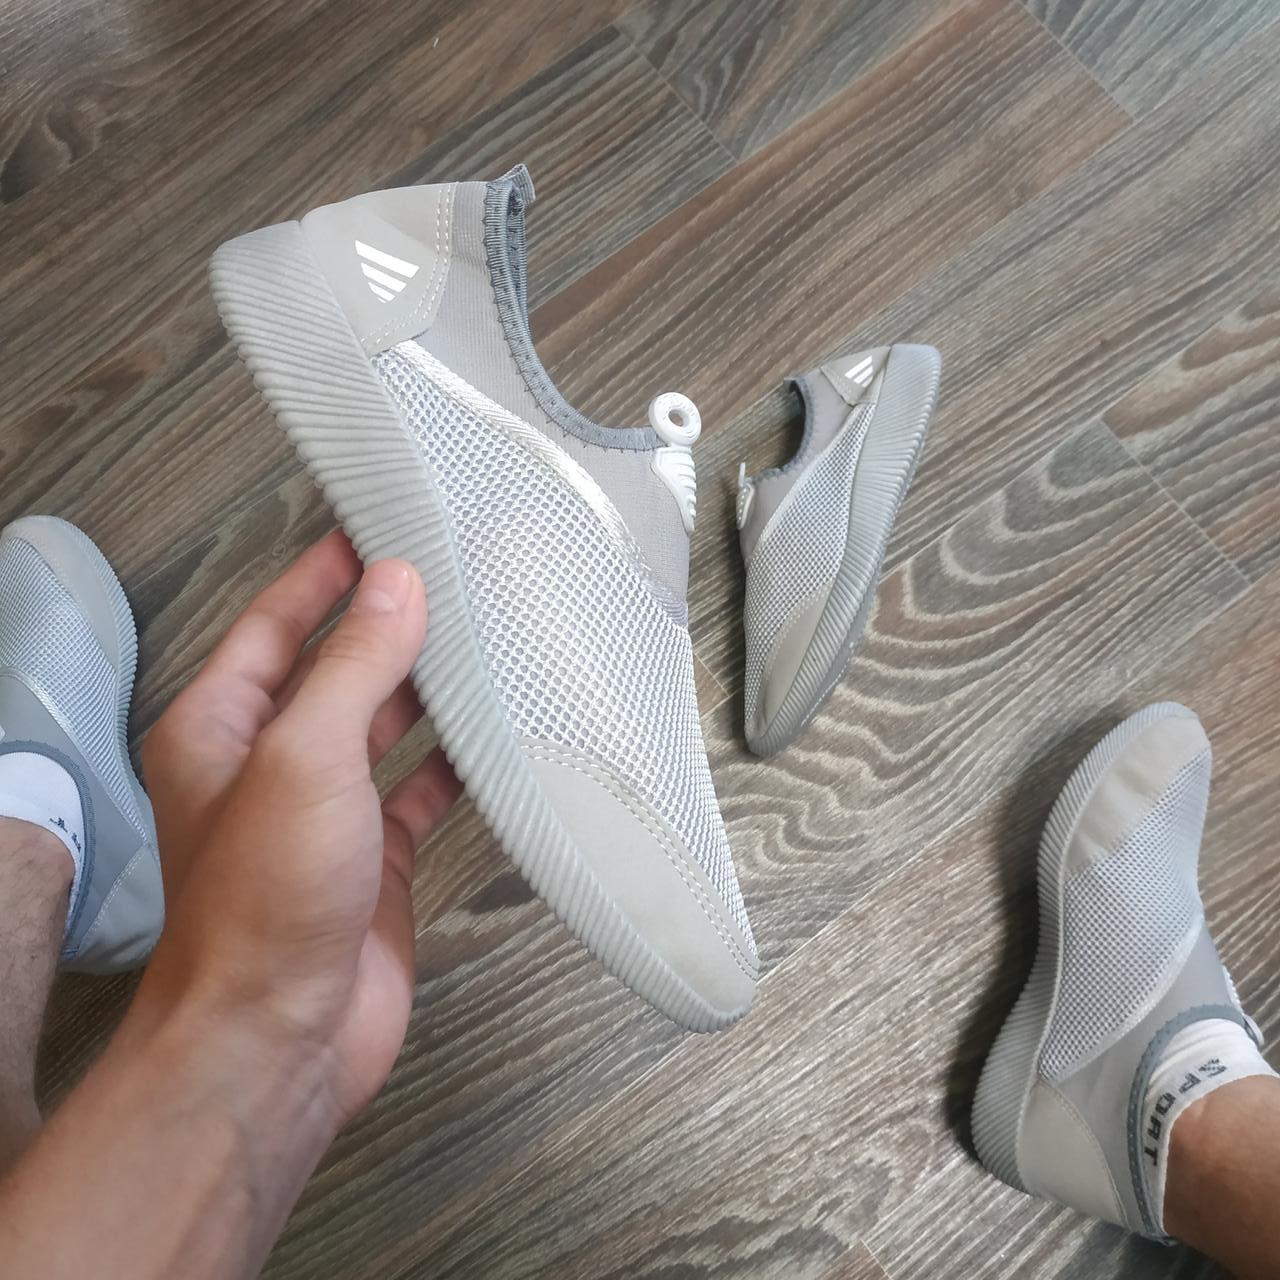 Чоловічі аквашузы тапочки для пляжу пляжне взуття для коралов коралки для дайвінгу акваобувь сірі